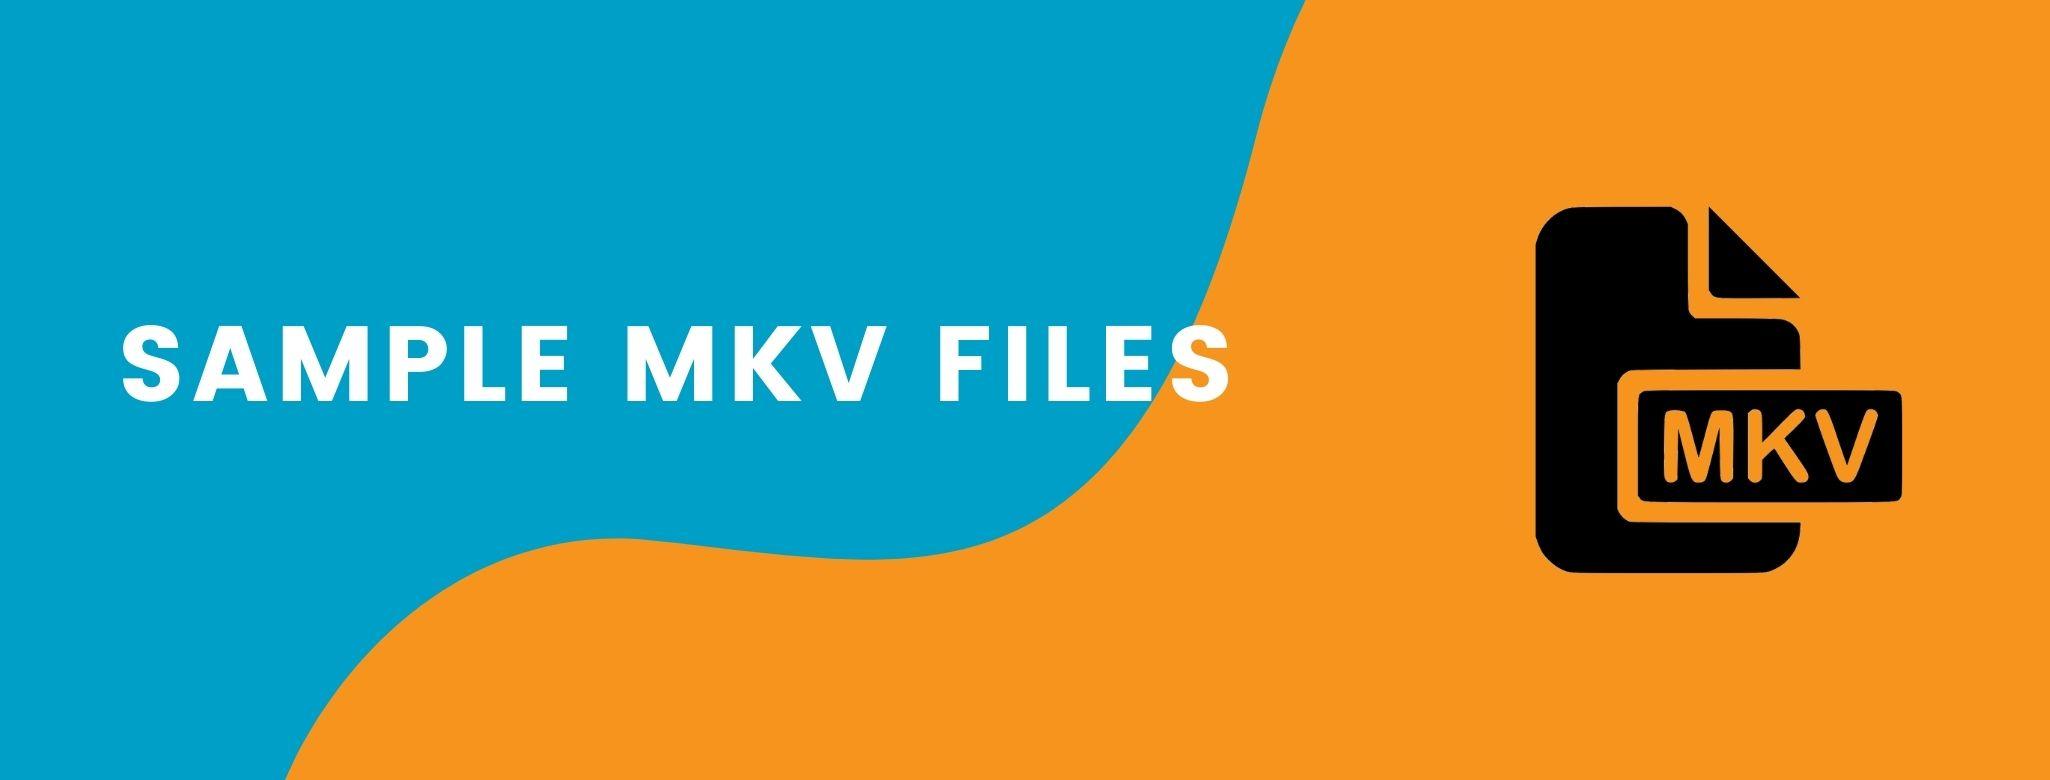 Sample MKV Files